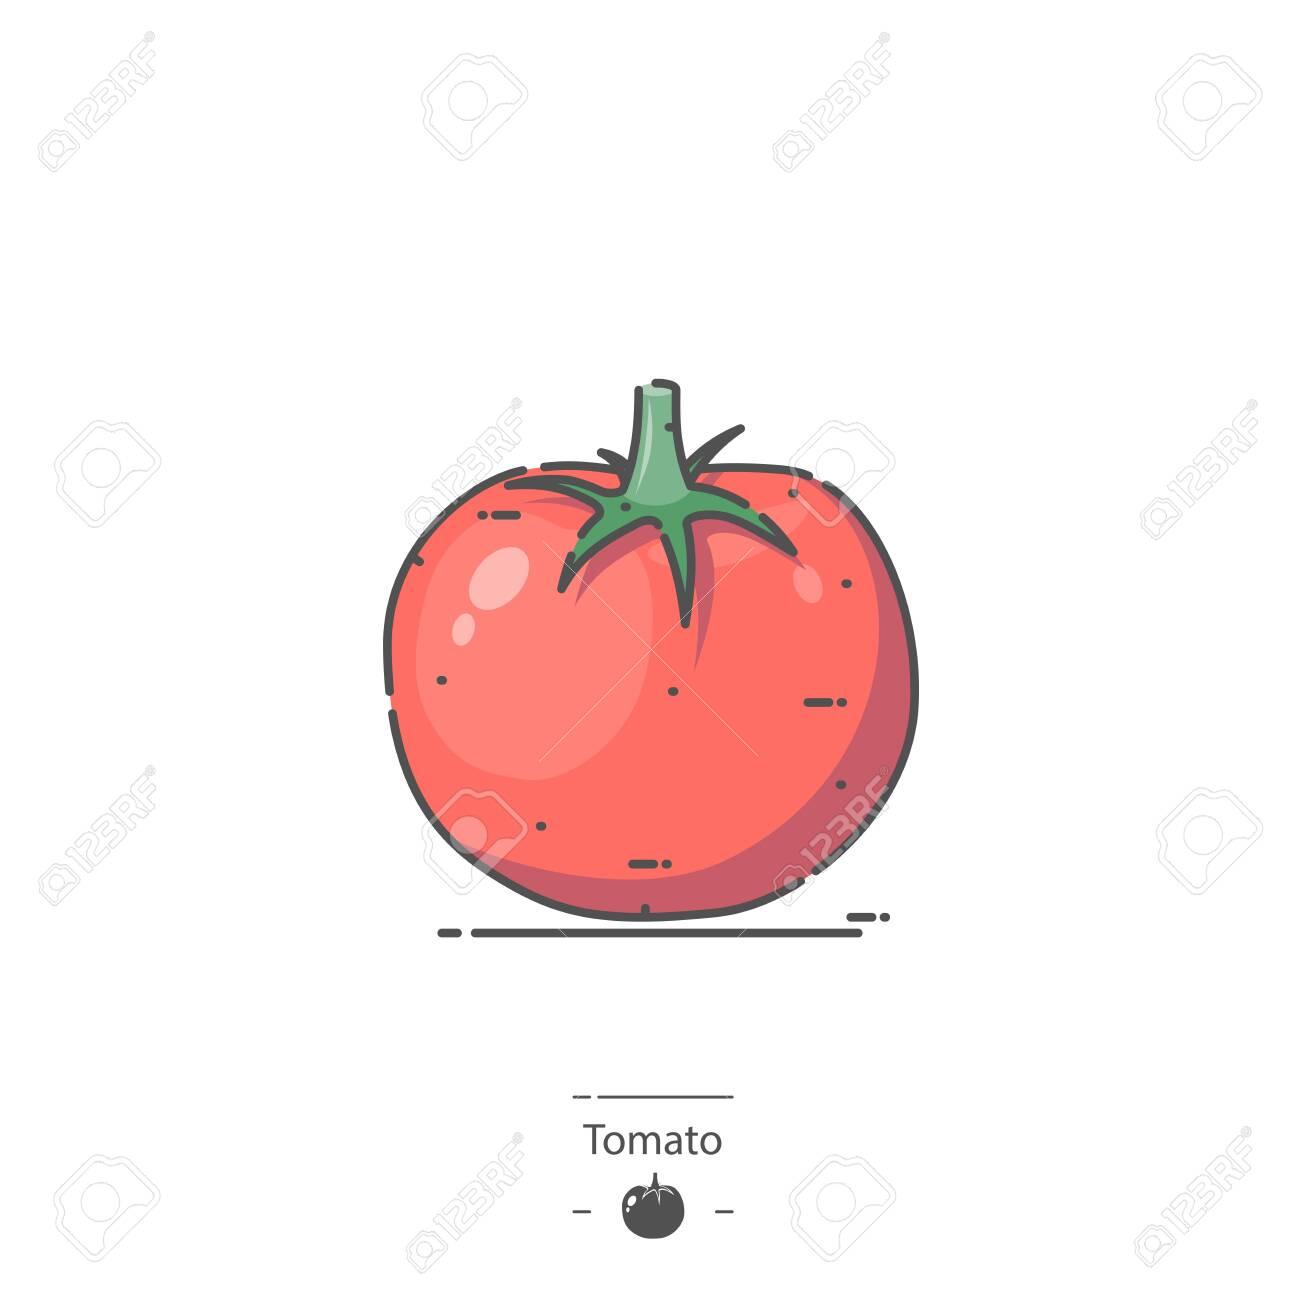 Tomato - Line color icon - 135244020